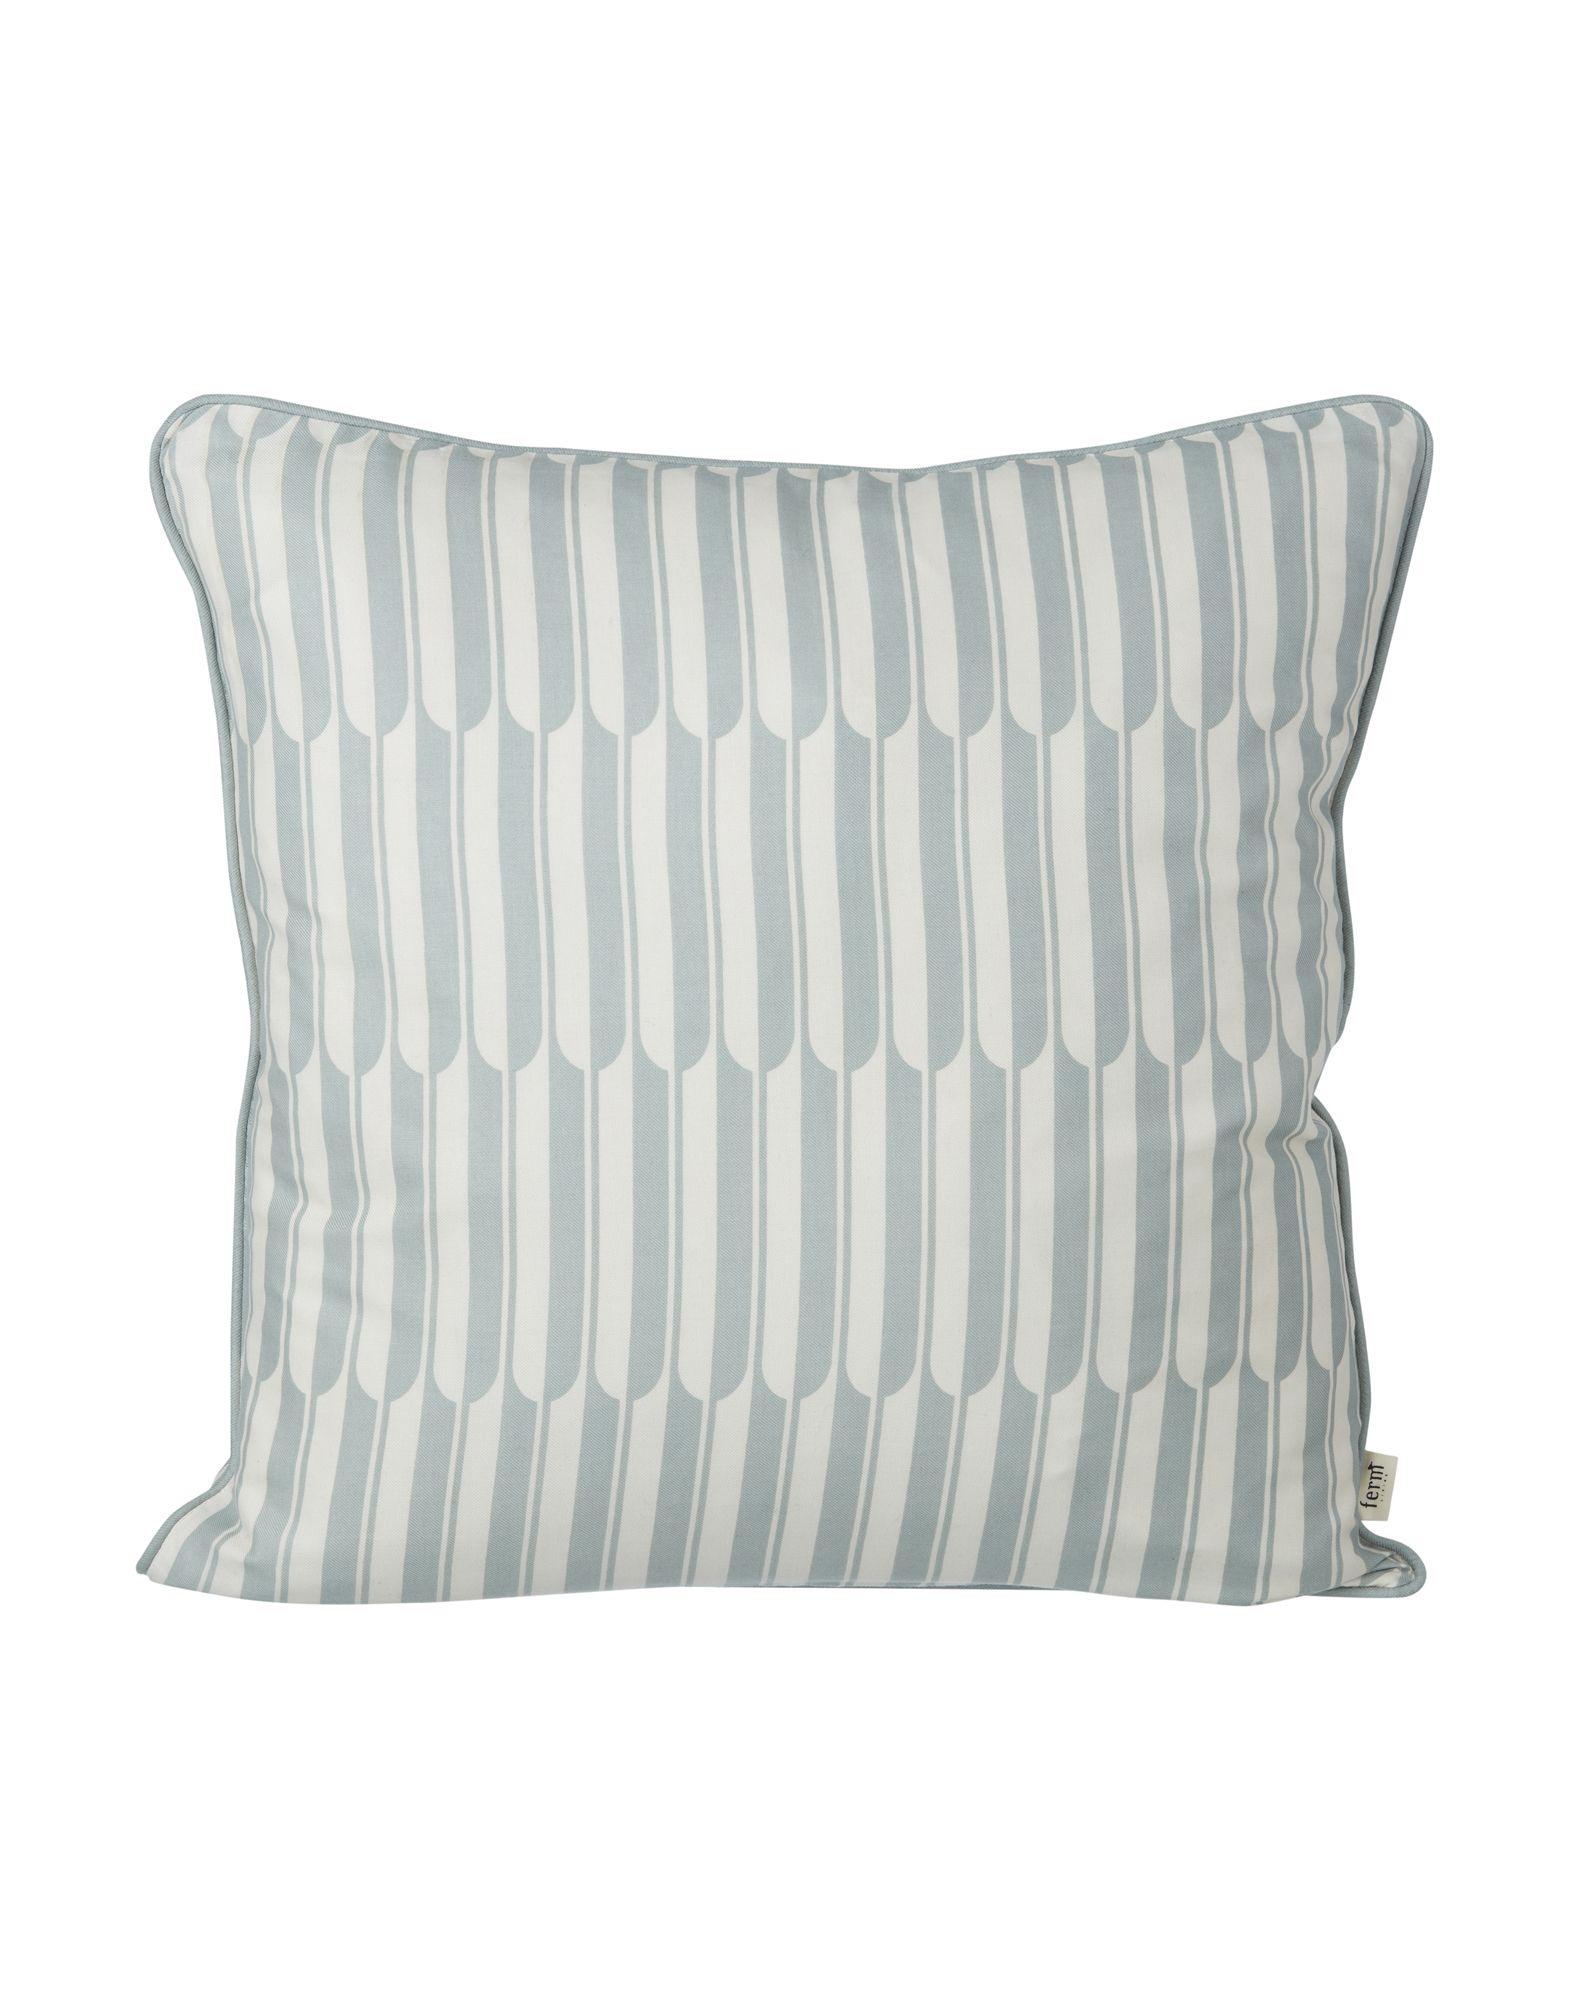 Ferm Living Arch   Pillows   DESIGN+ART Ferm Living Online On YOOX    58029860GR